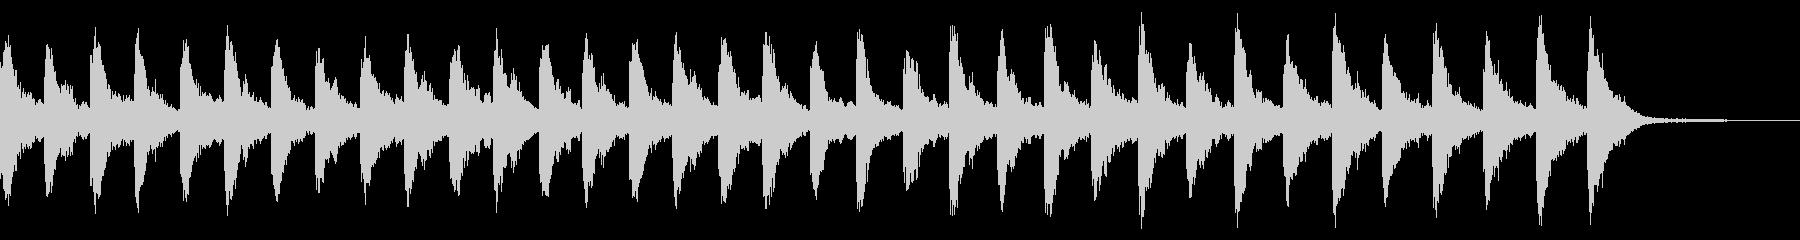 メルトンチャーチベル1:常時鳴るの未再生の波形